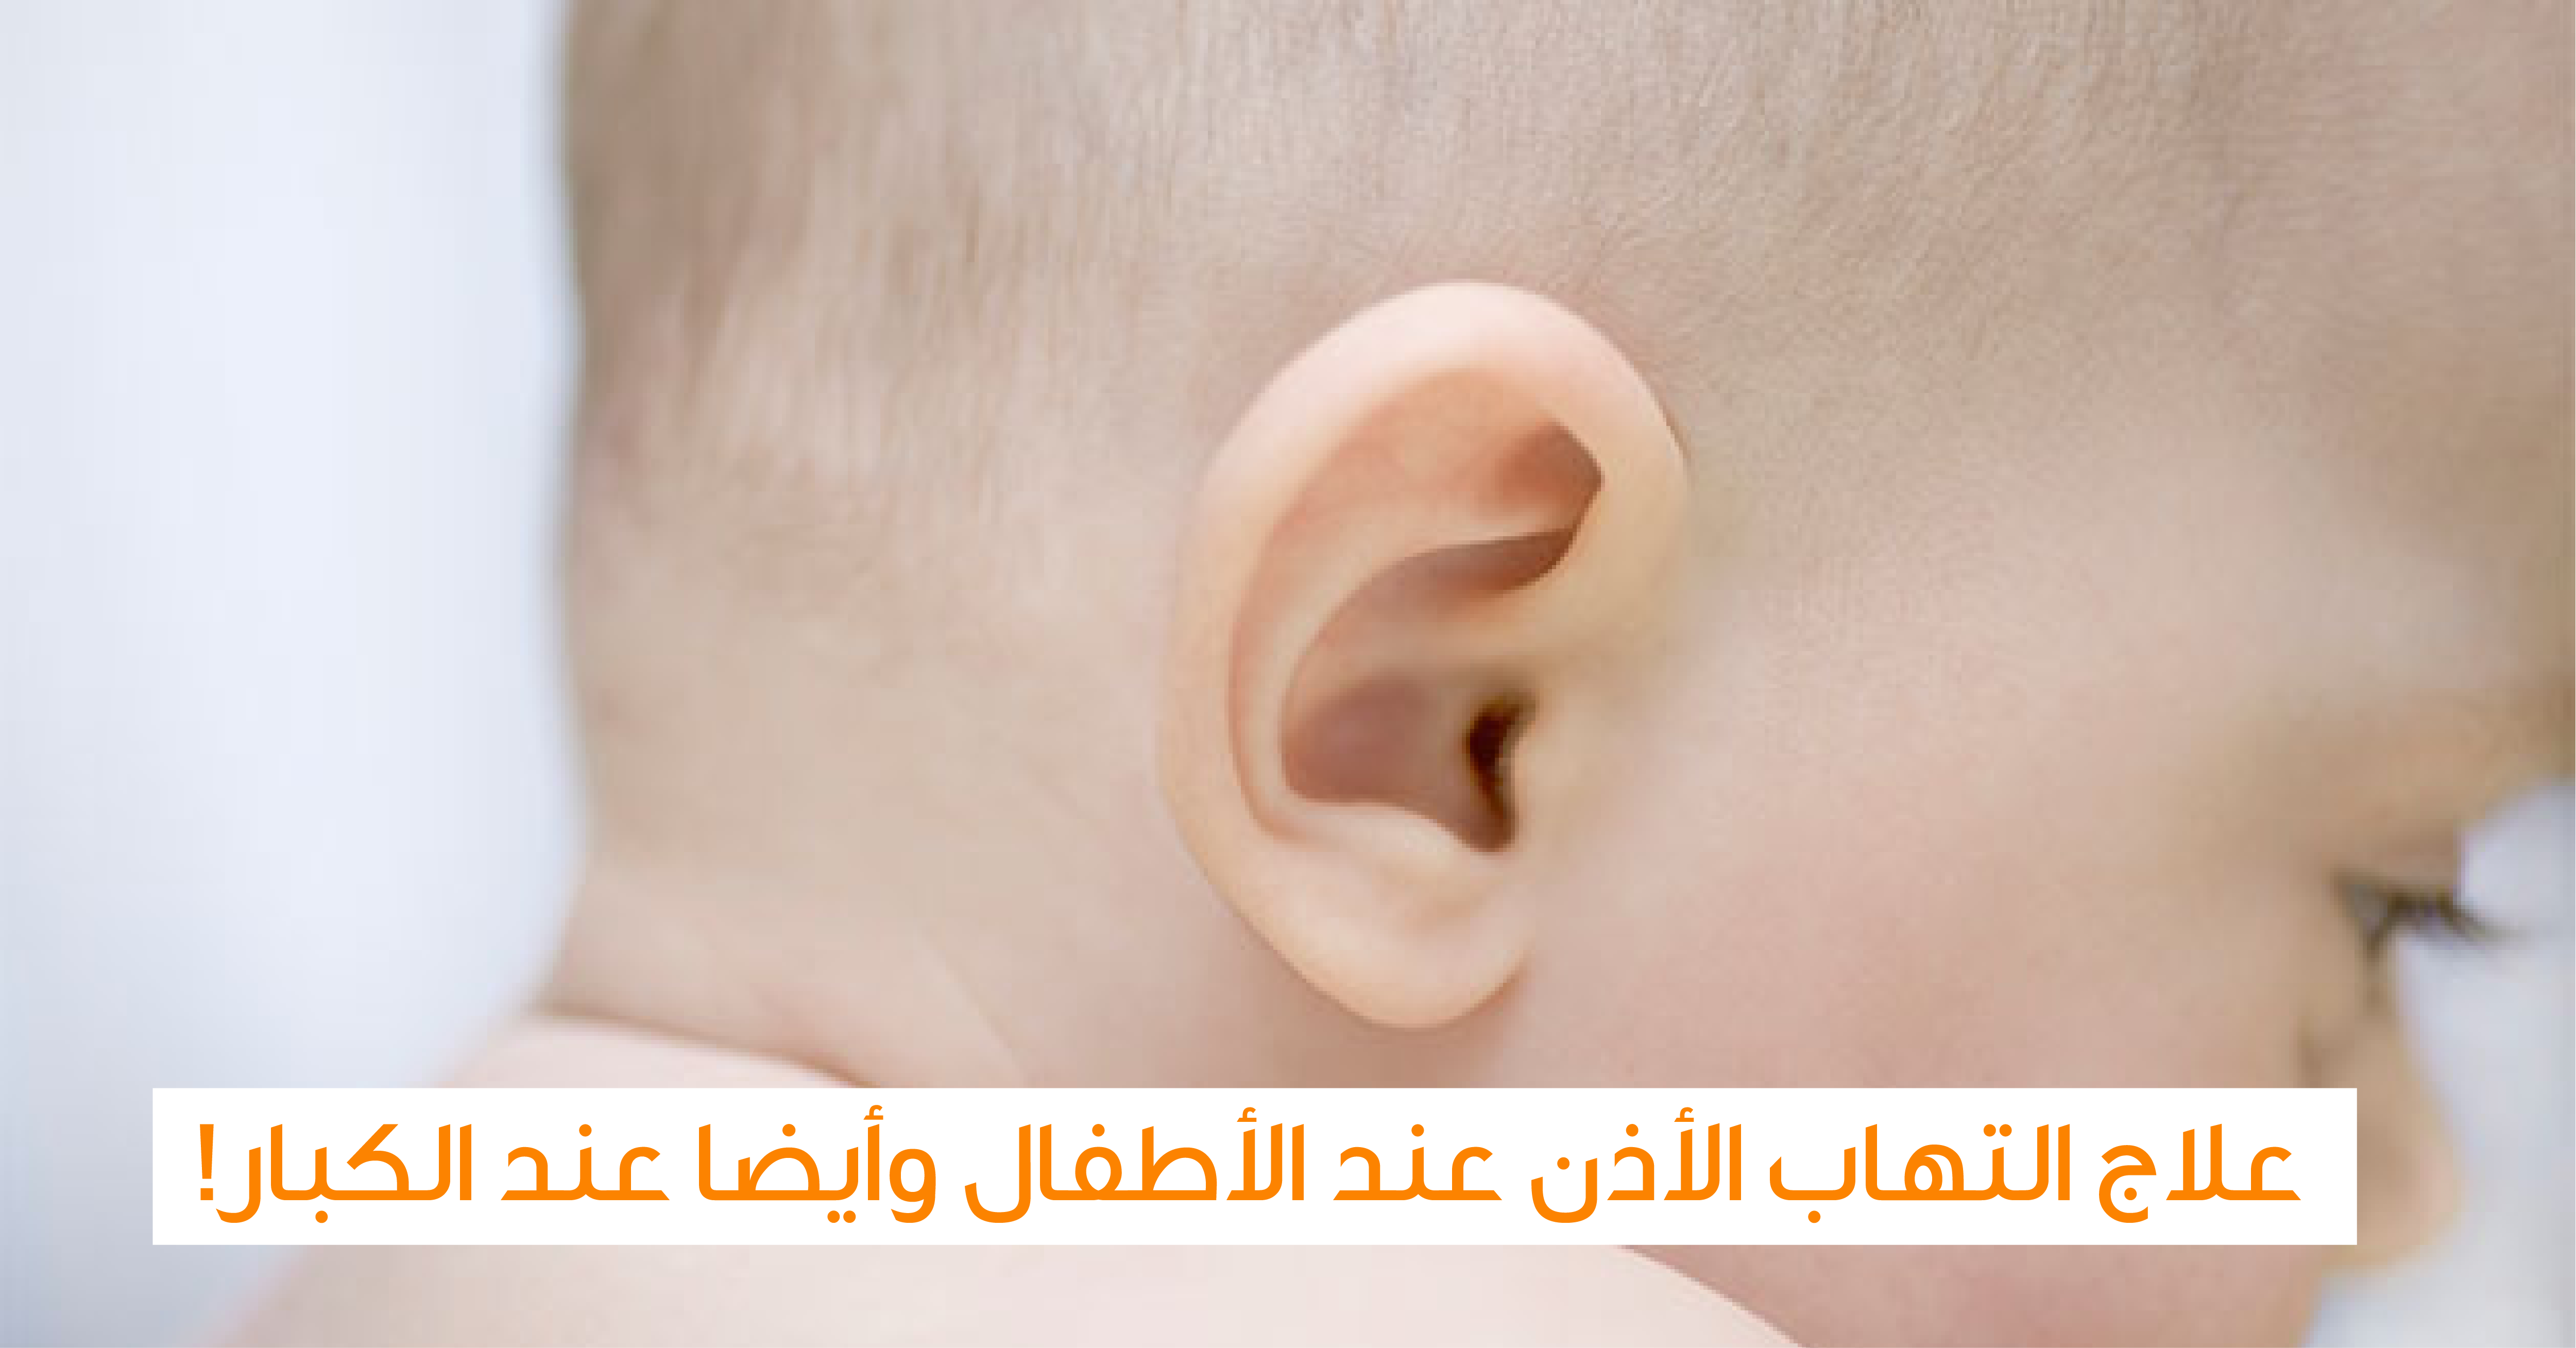 علاج التهاب الأذن عند الأطفال ويب طب